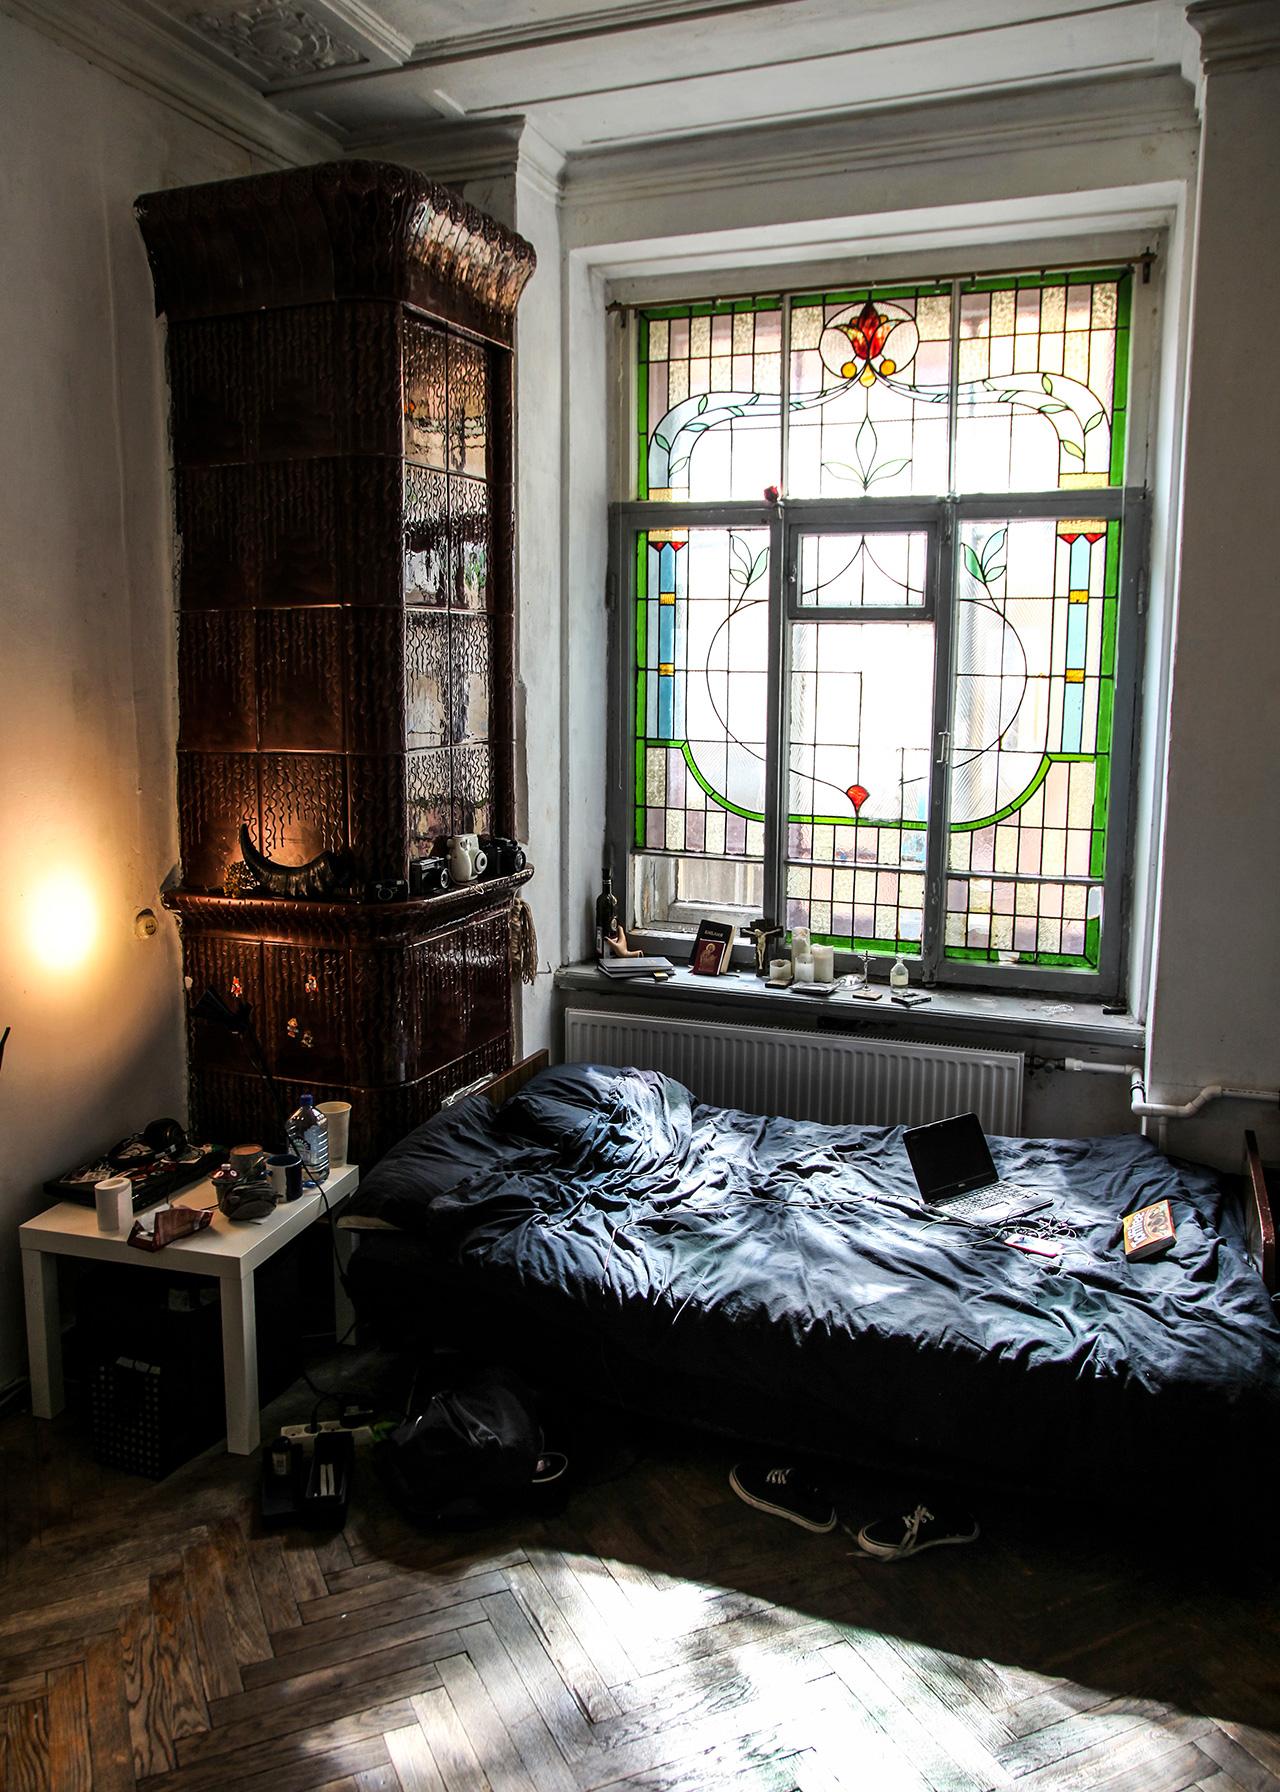 """""""Посетих първия комунален апартамент преди година. Шест месеца след като започнах да събирам снимки от сайтове за недвижими имоти"""", разказва Максим. """"Започнах да го правя, когато осъзнах, че интериорът на апартаментите в Санкт Петербург изобщо не е изучаван, и че най-добрите примери за него са в комуналките""""."""